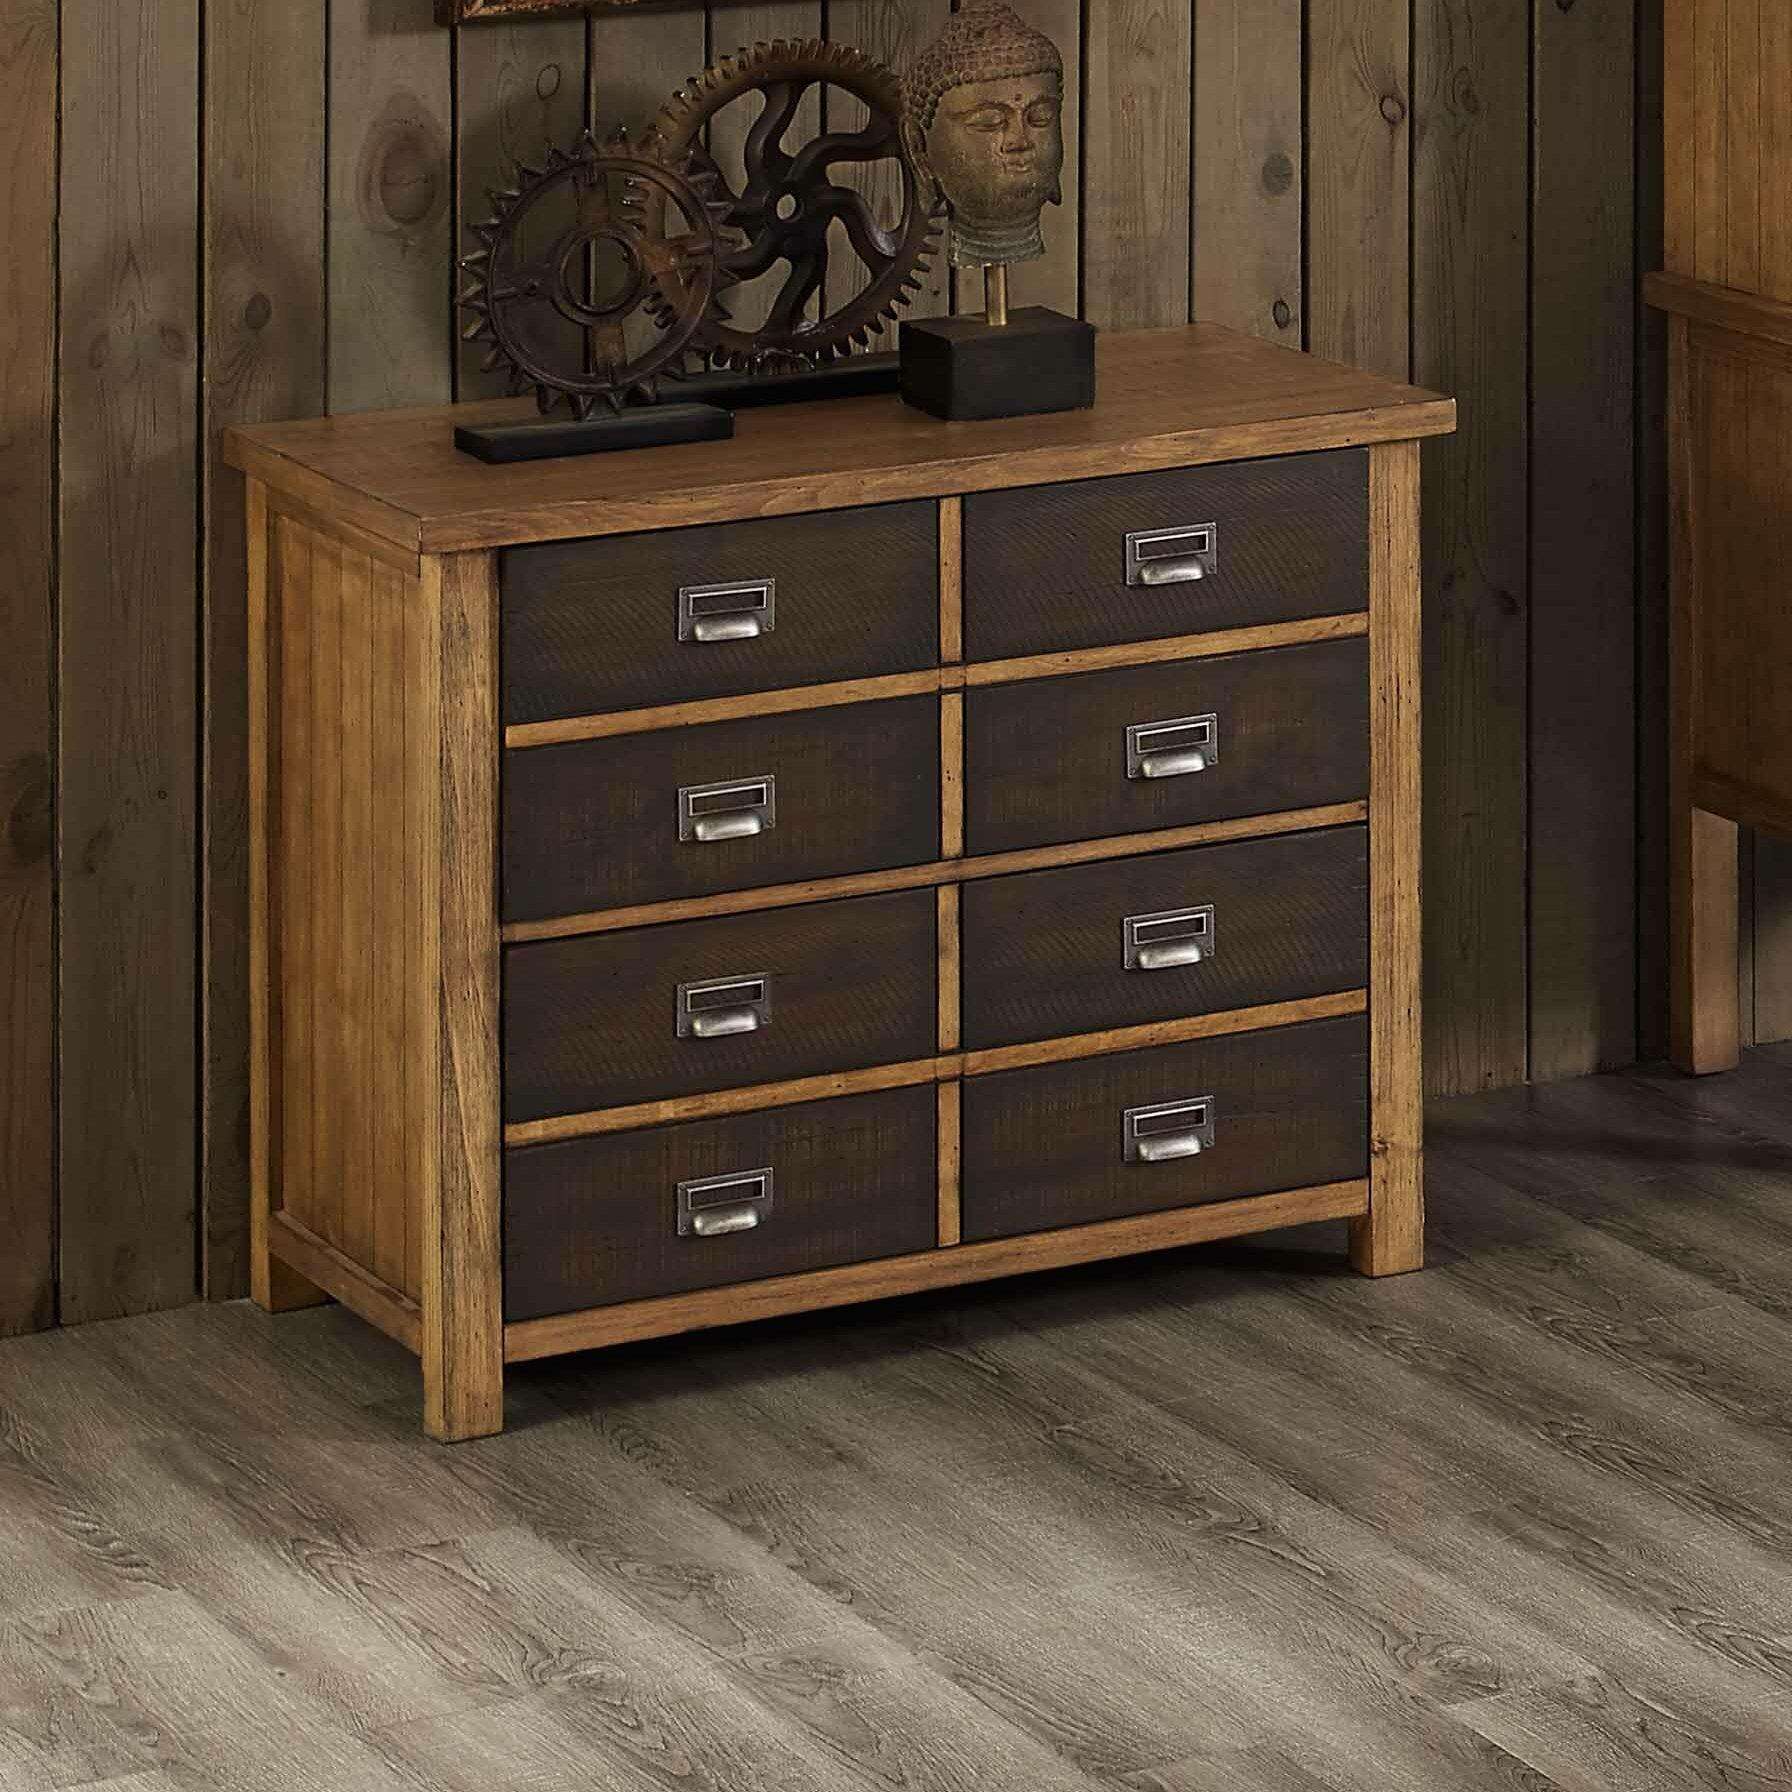 Barnett 2 Drawer Lateral Filing Cabinet Reviews